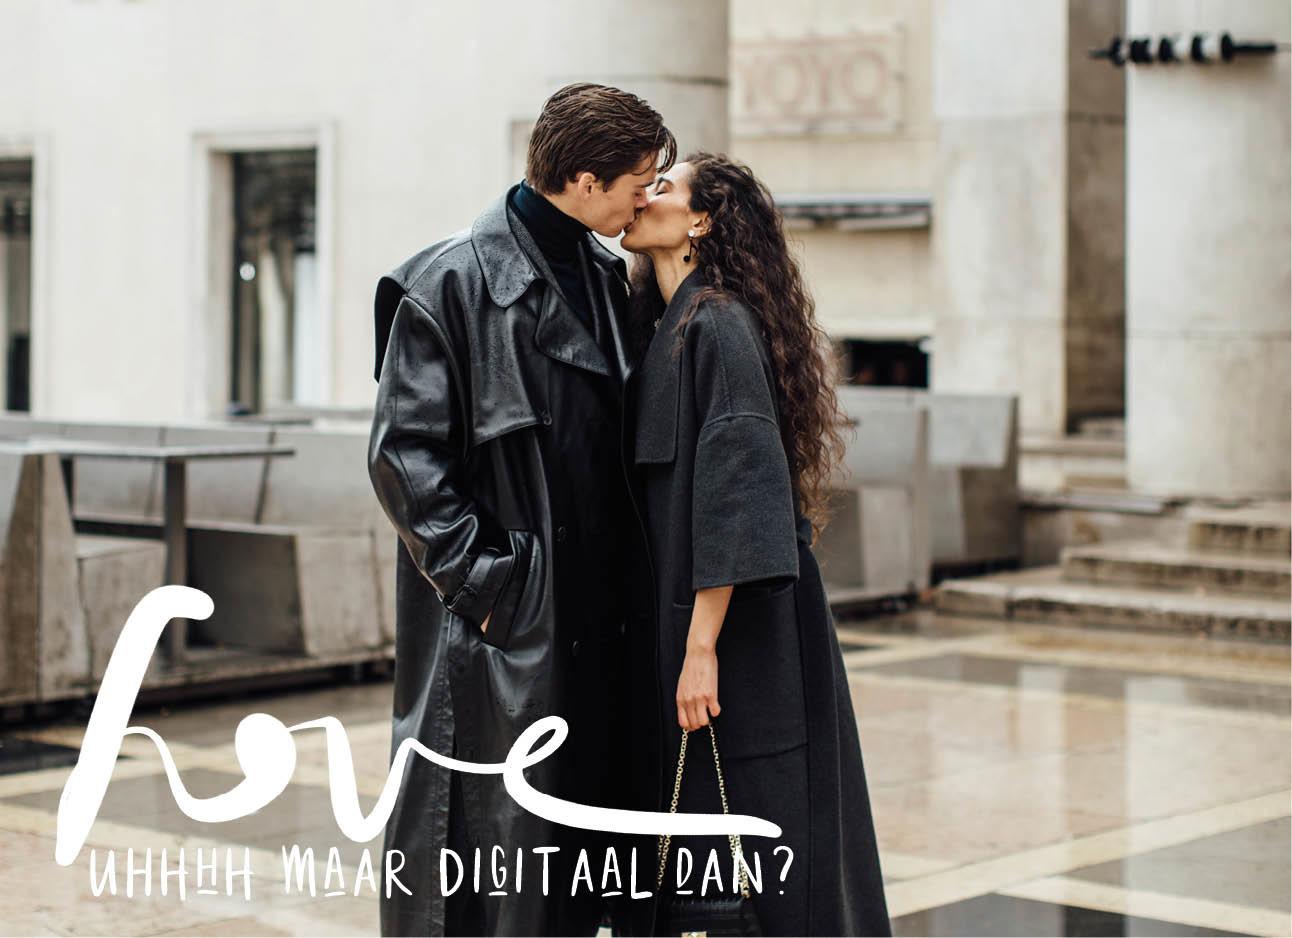 digitaal flirten